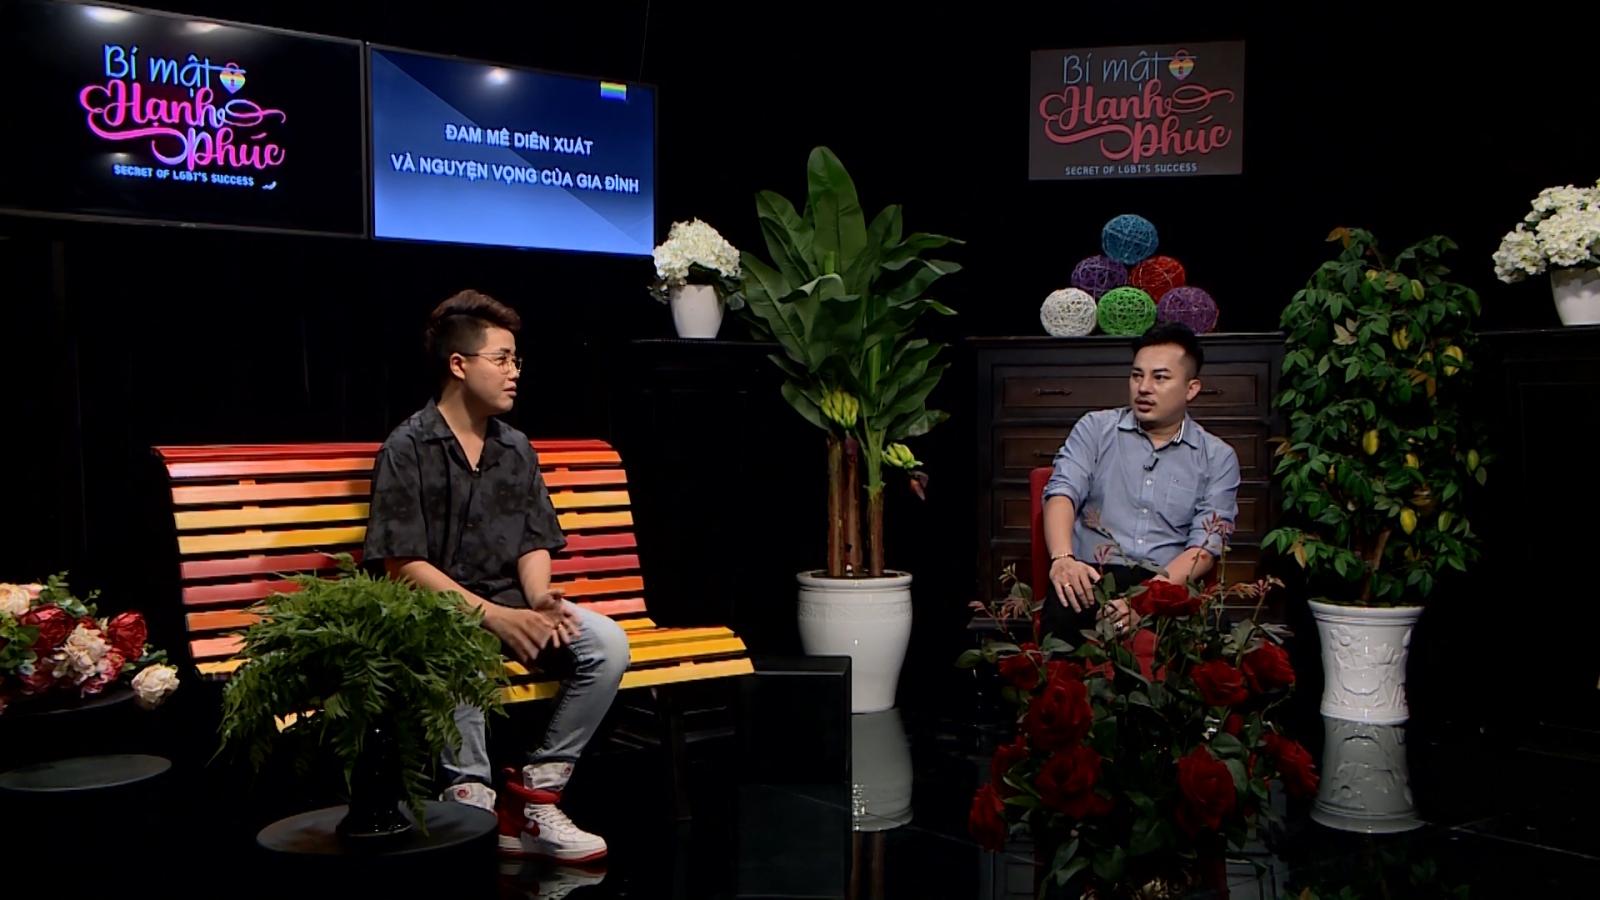 Talkshow đầu tiên về lập nghiệp dành cho cộng đồng LGBT lên sóng